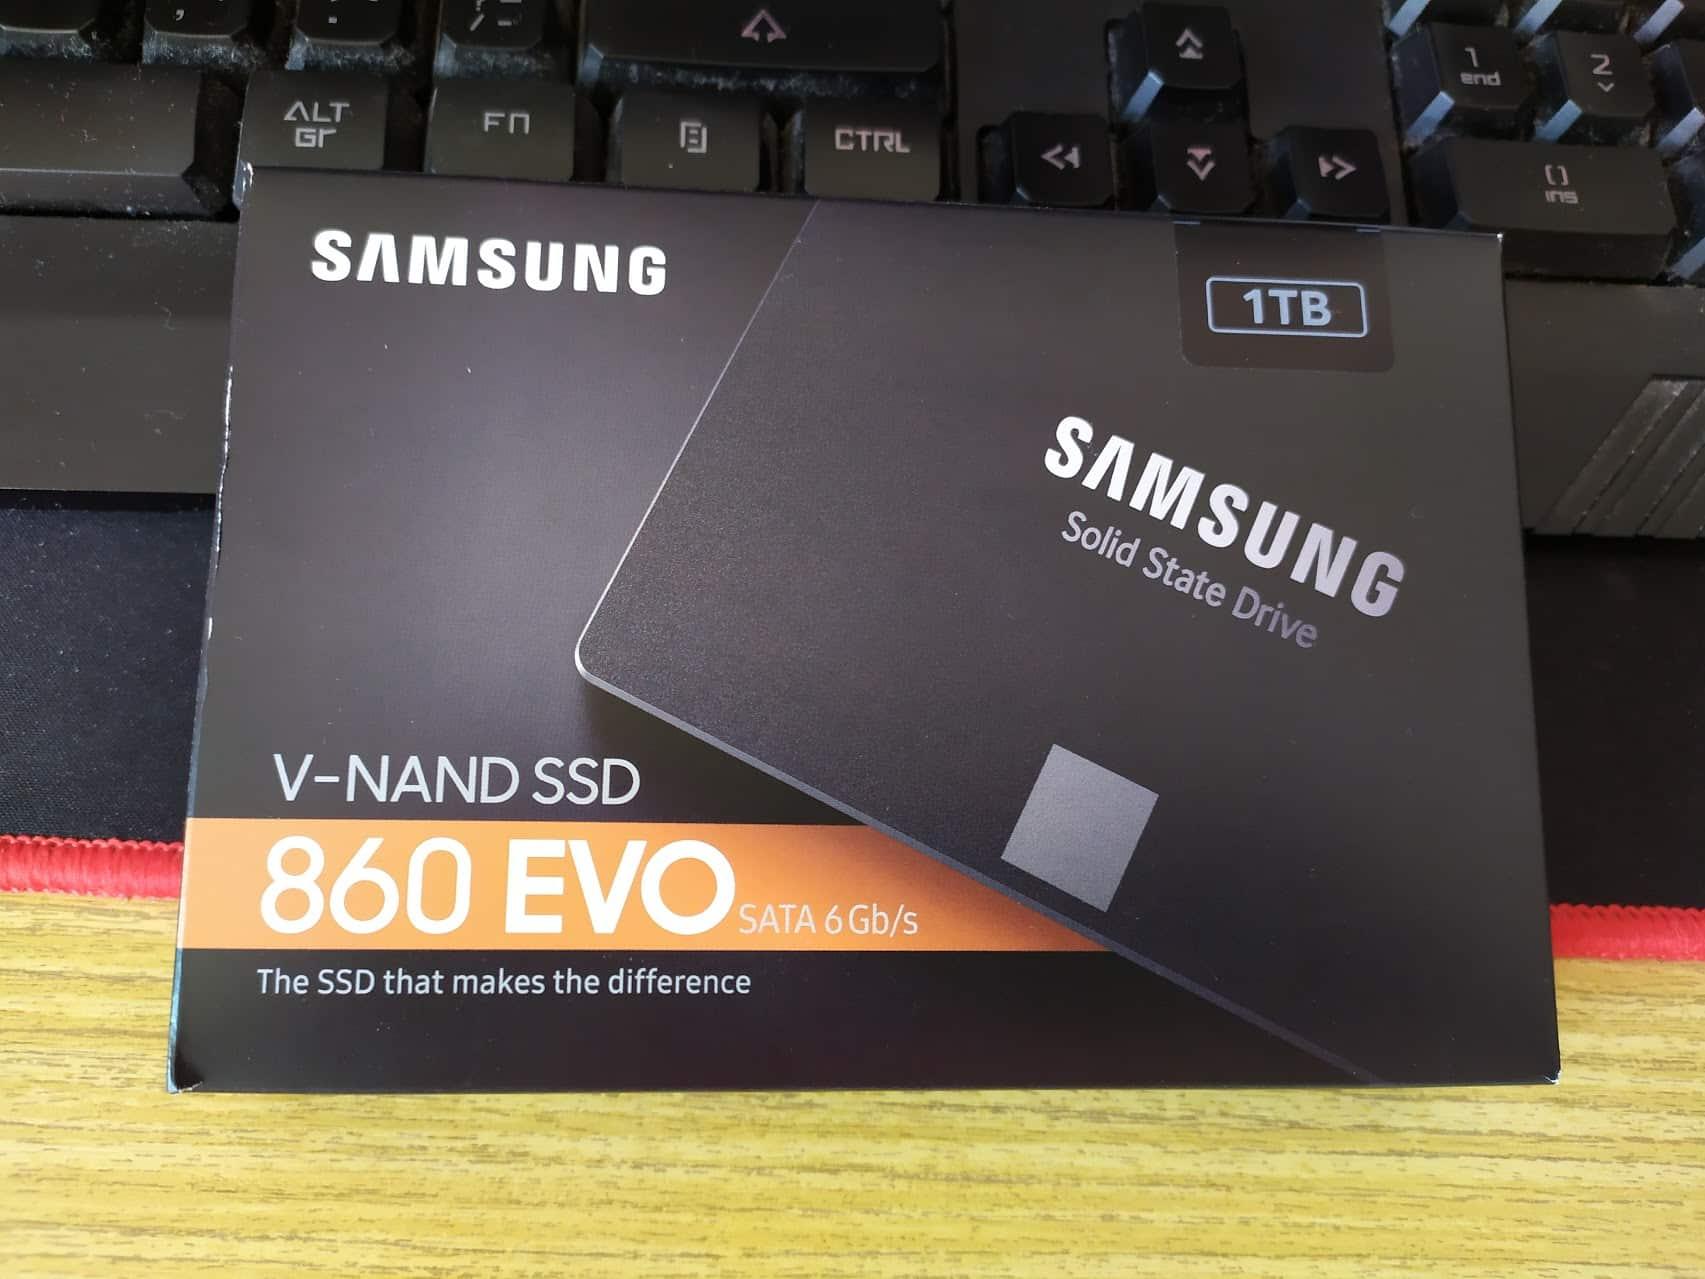 SAMSUNG 860 EVO V-NAND SSD